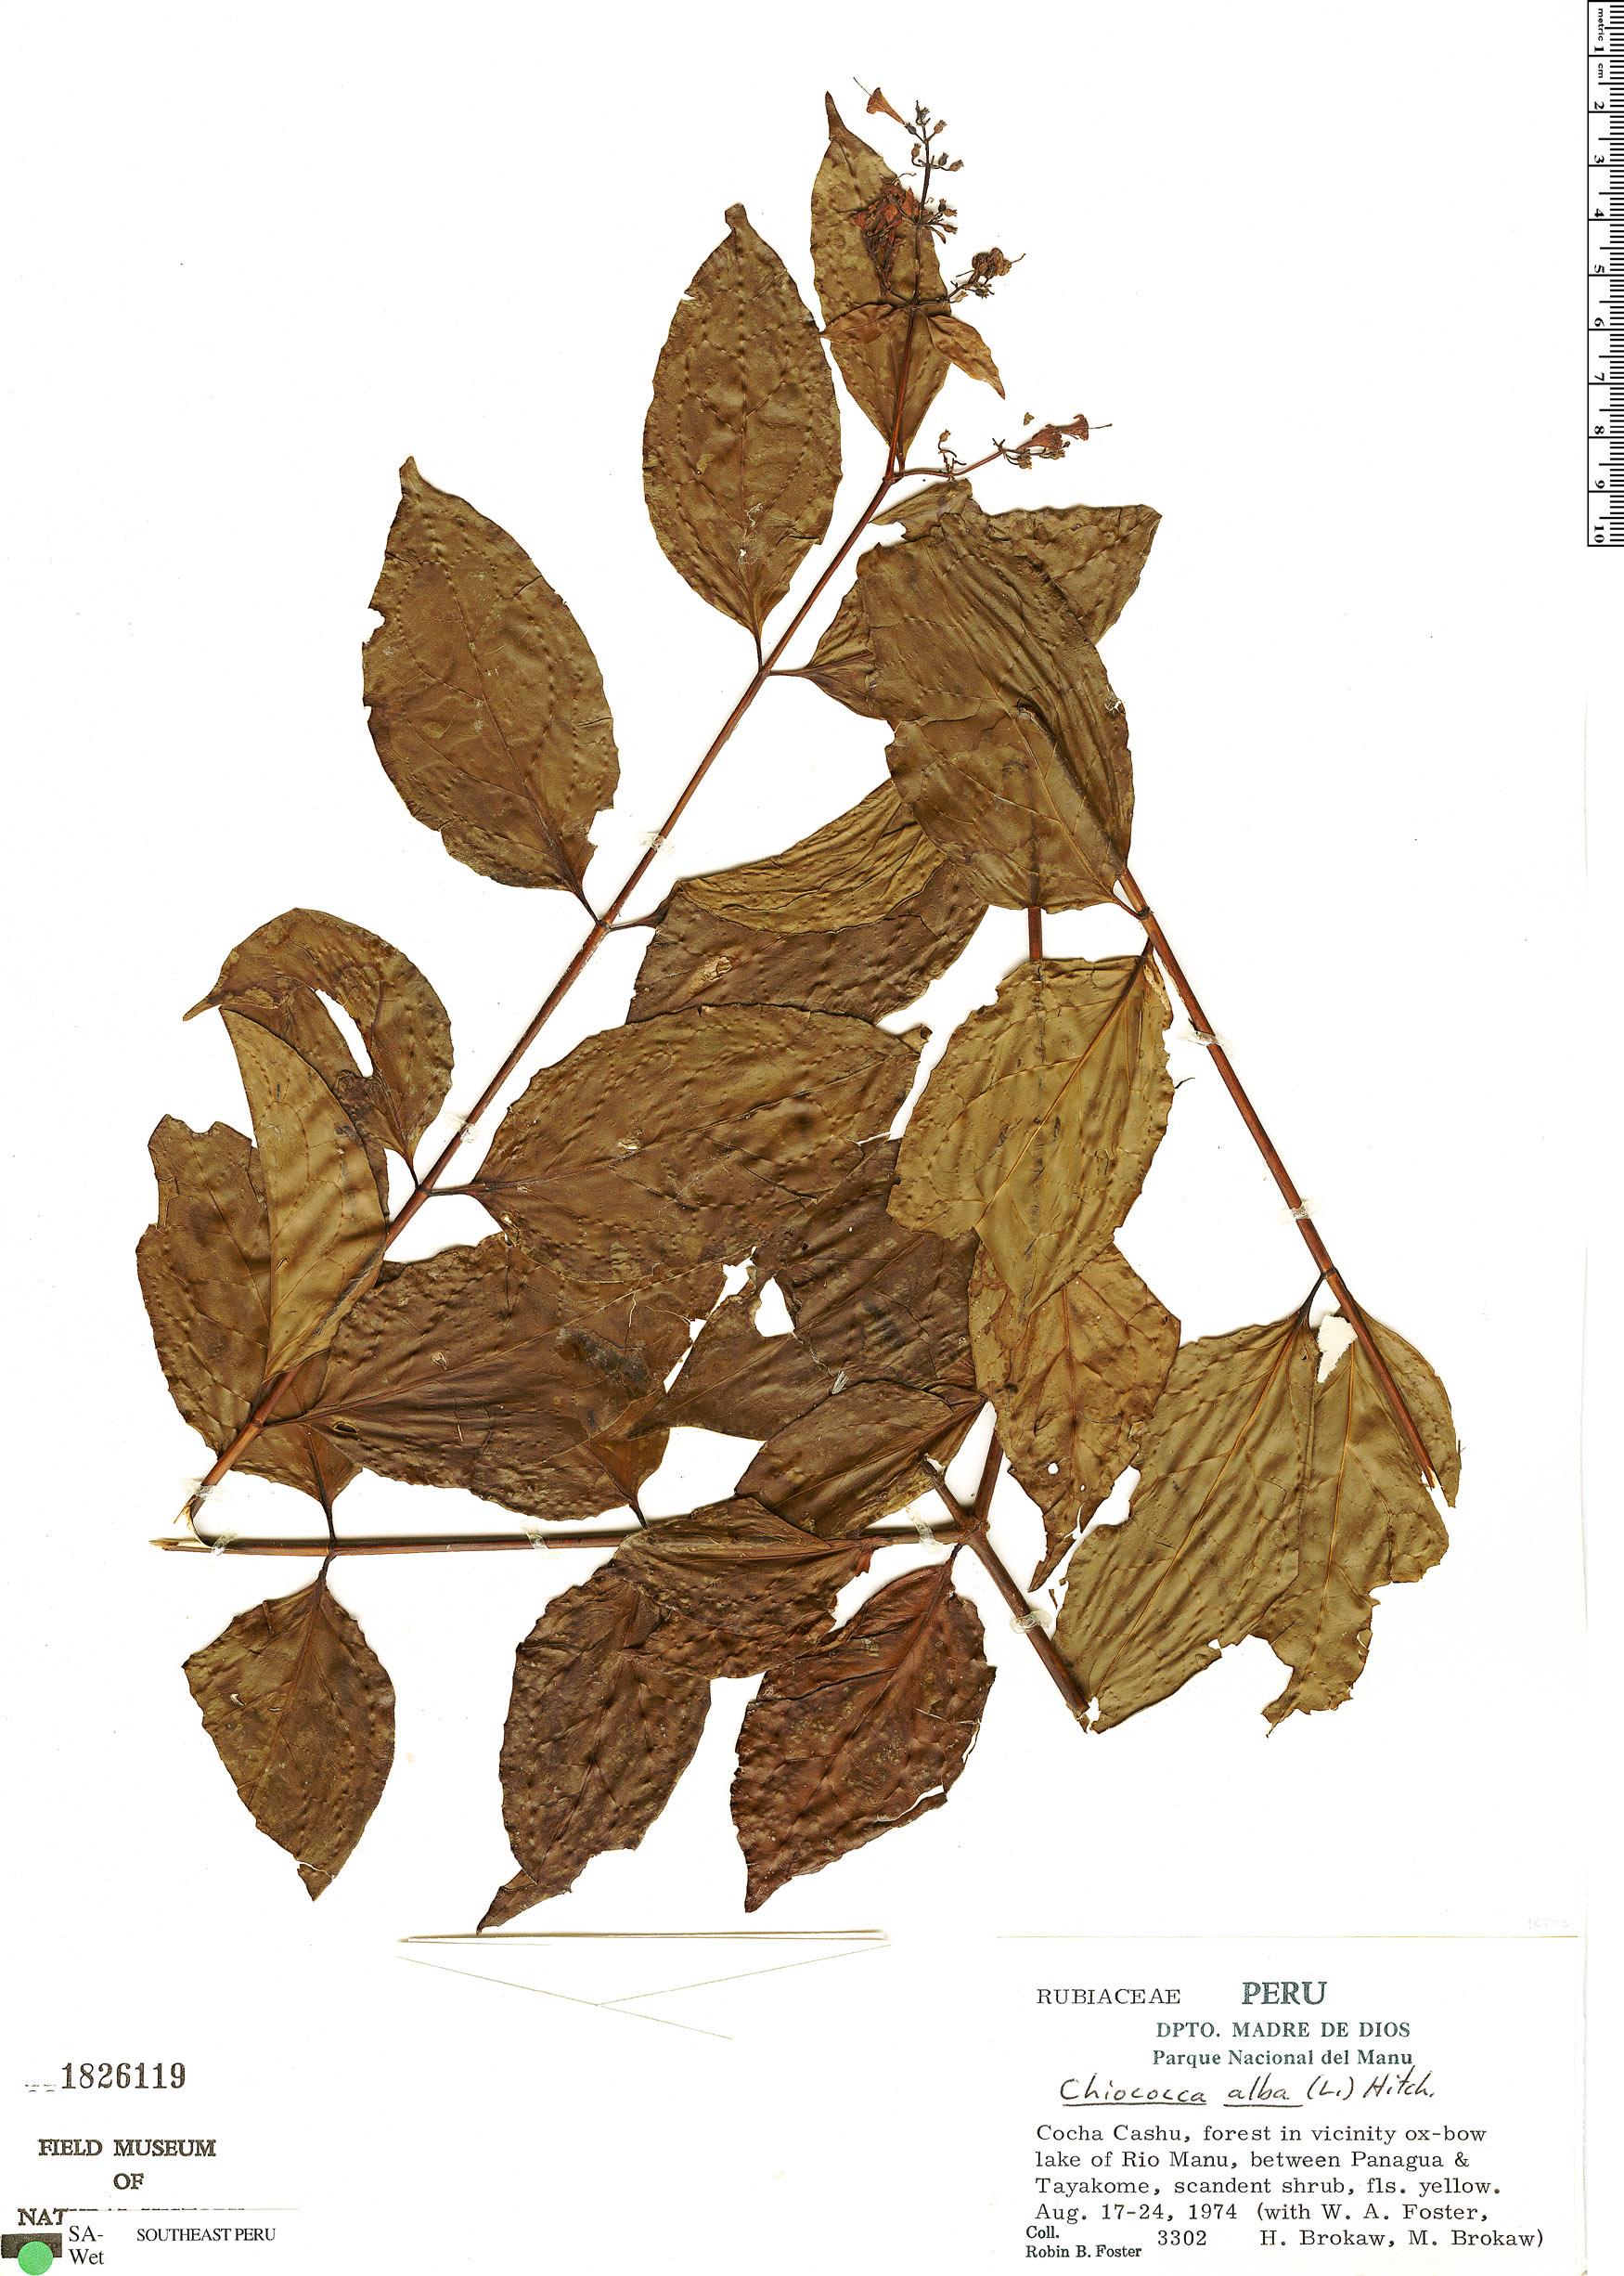 Specimen: Chiococca alba